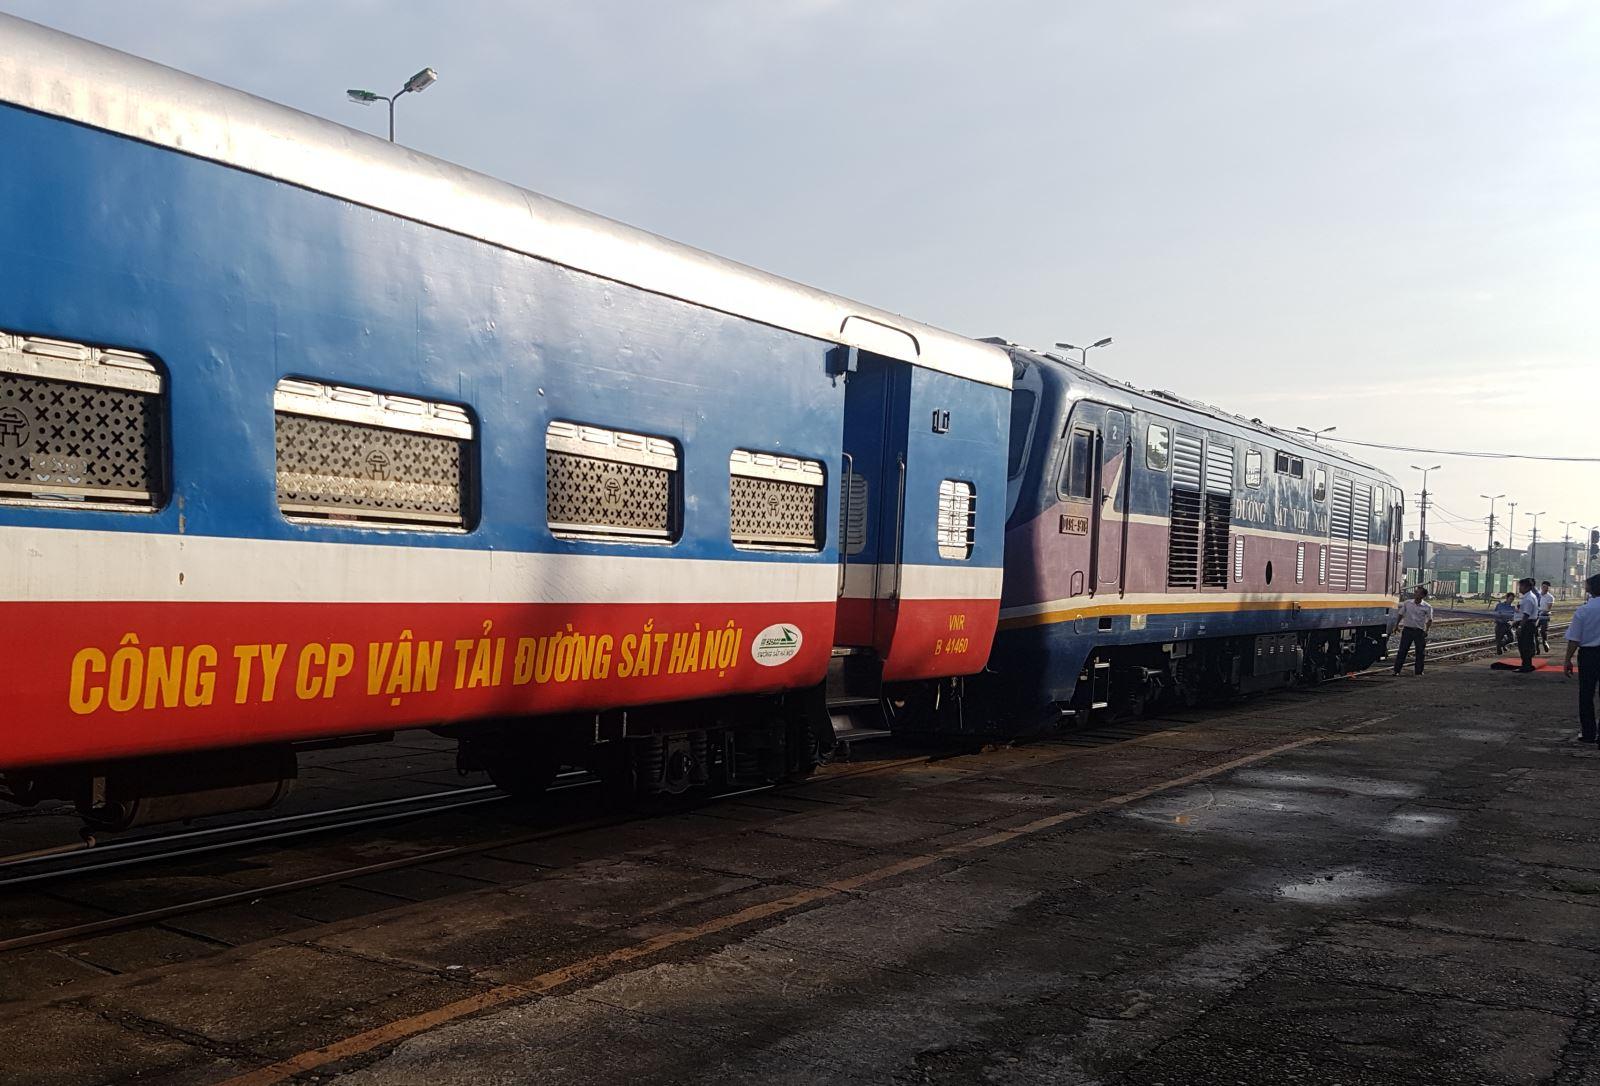 Hành khách đã mua vé tàu Tết sẽ được bảo lưu 1 năm